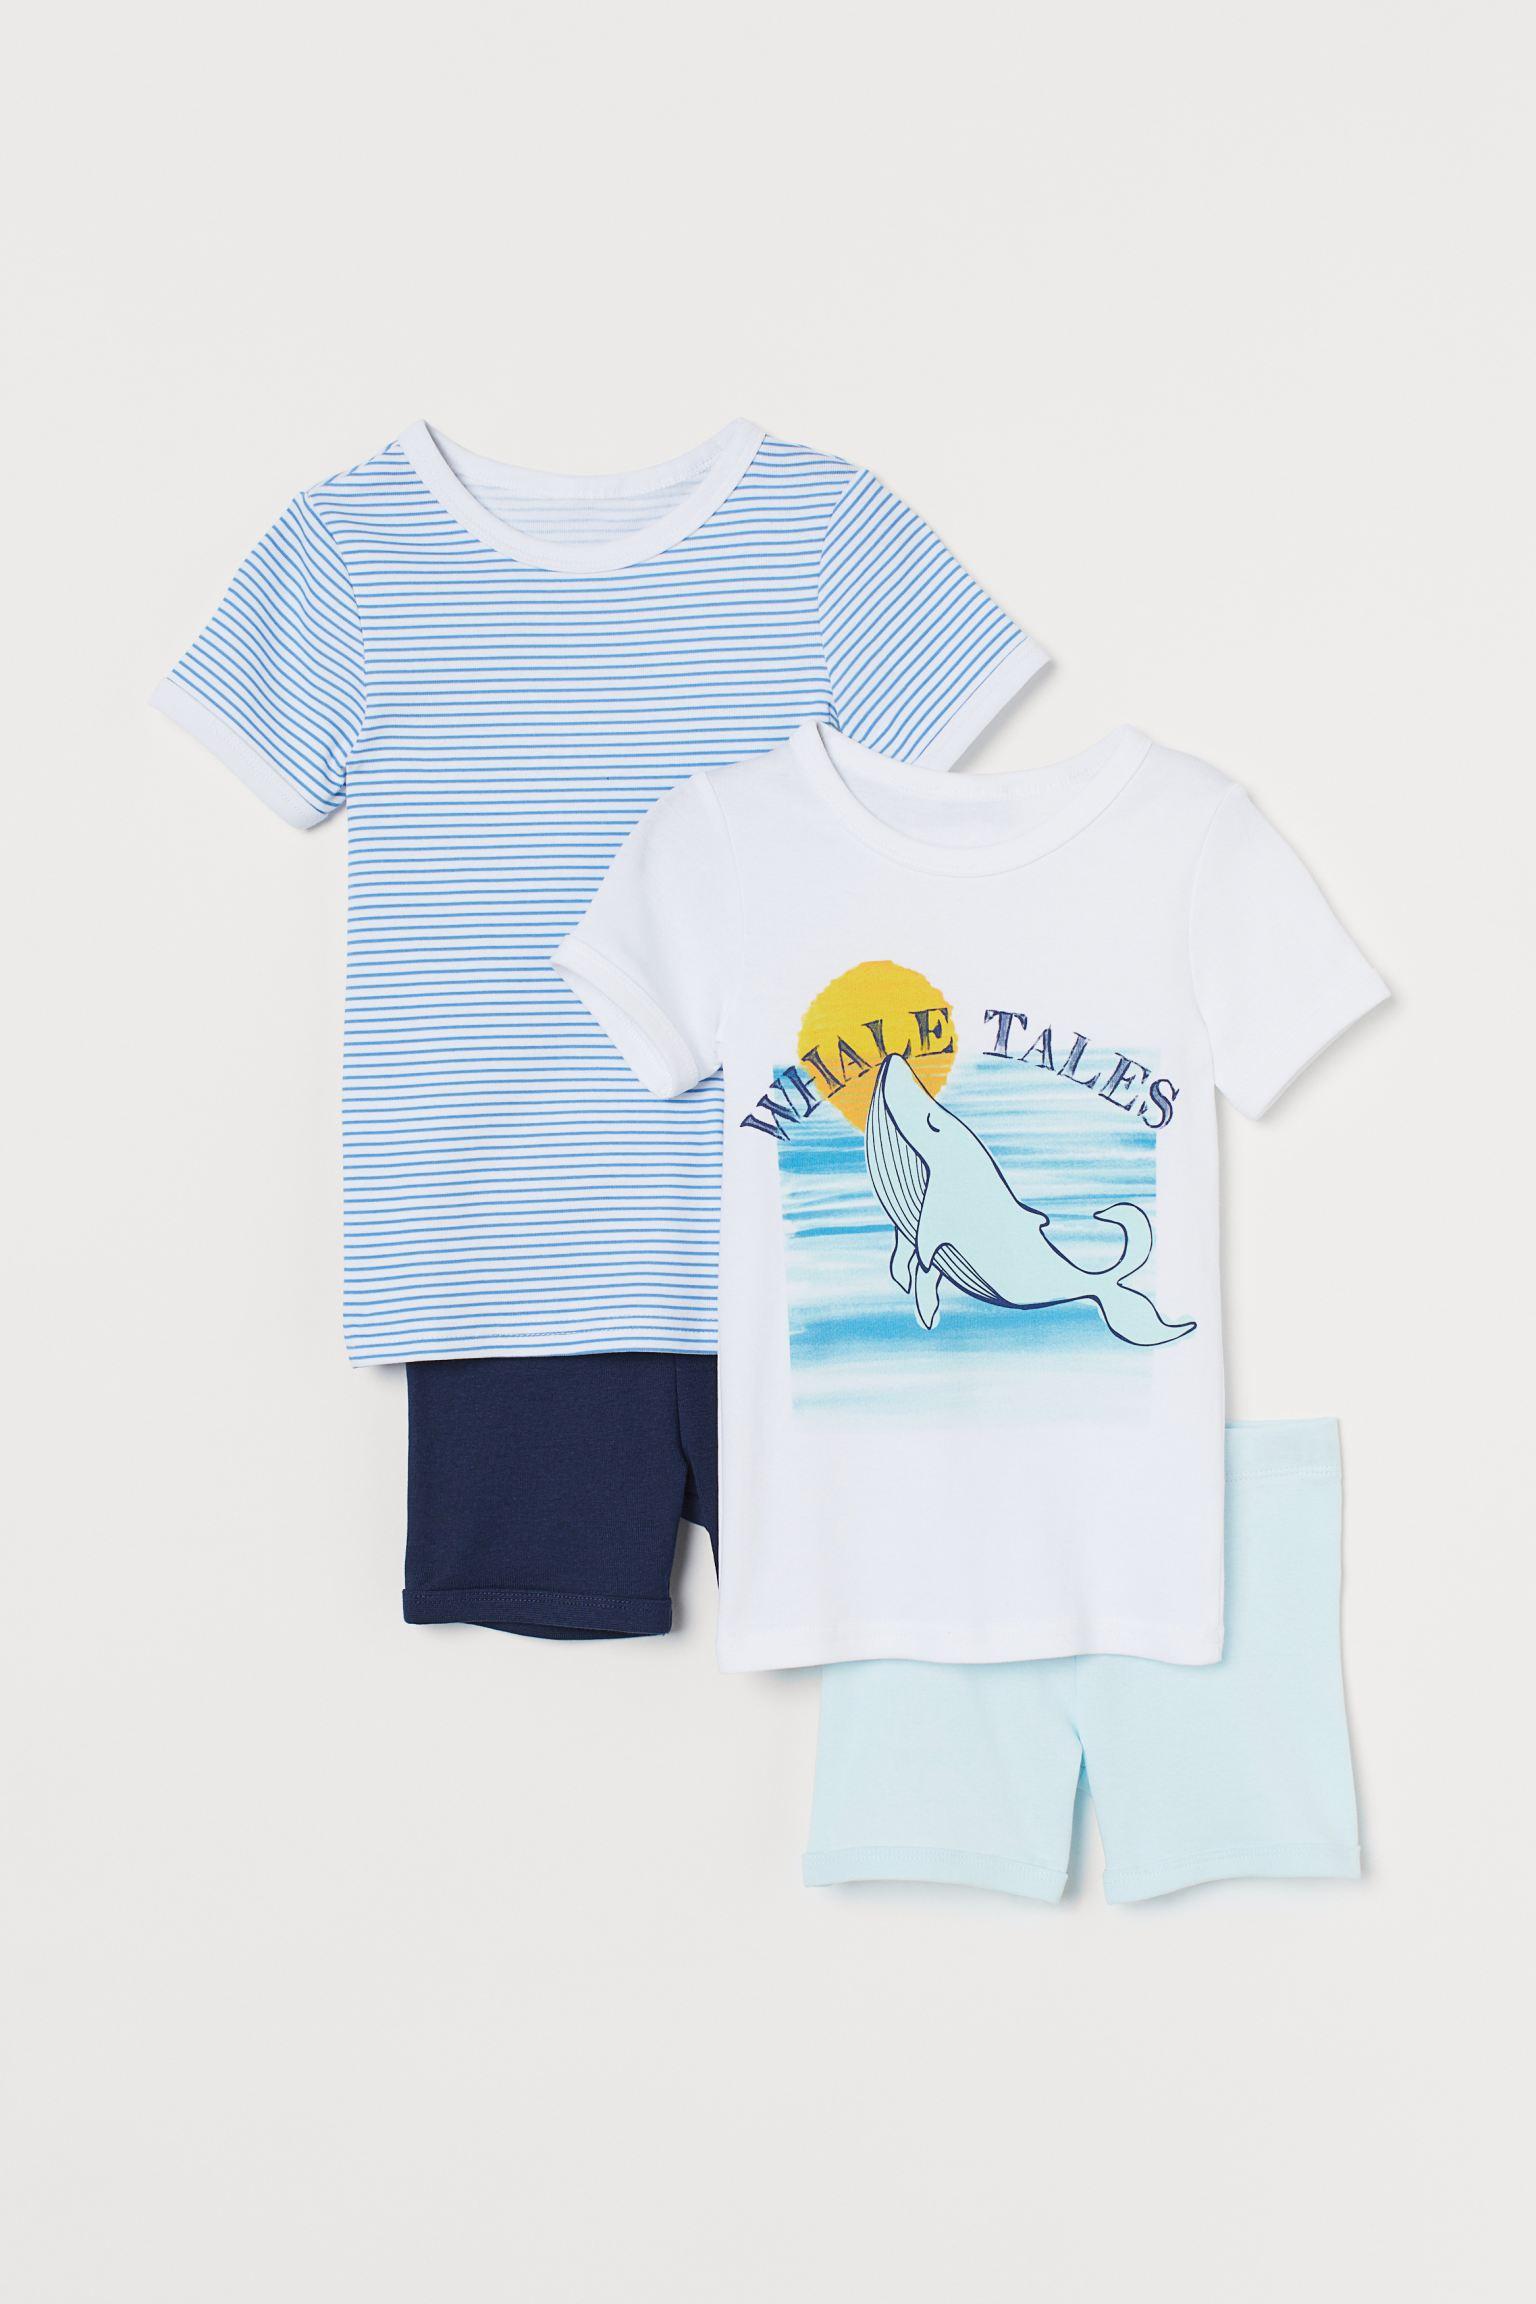 Pijama de dos piezas en punto suave de algodón. Camiseta de manga corta con ribete en color de contraste en cuello y mangas. Pantalón corto con cintura elástica.